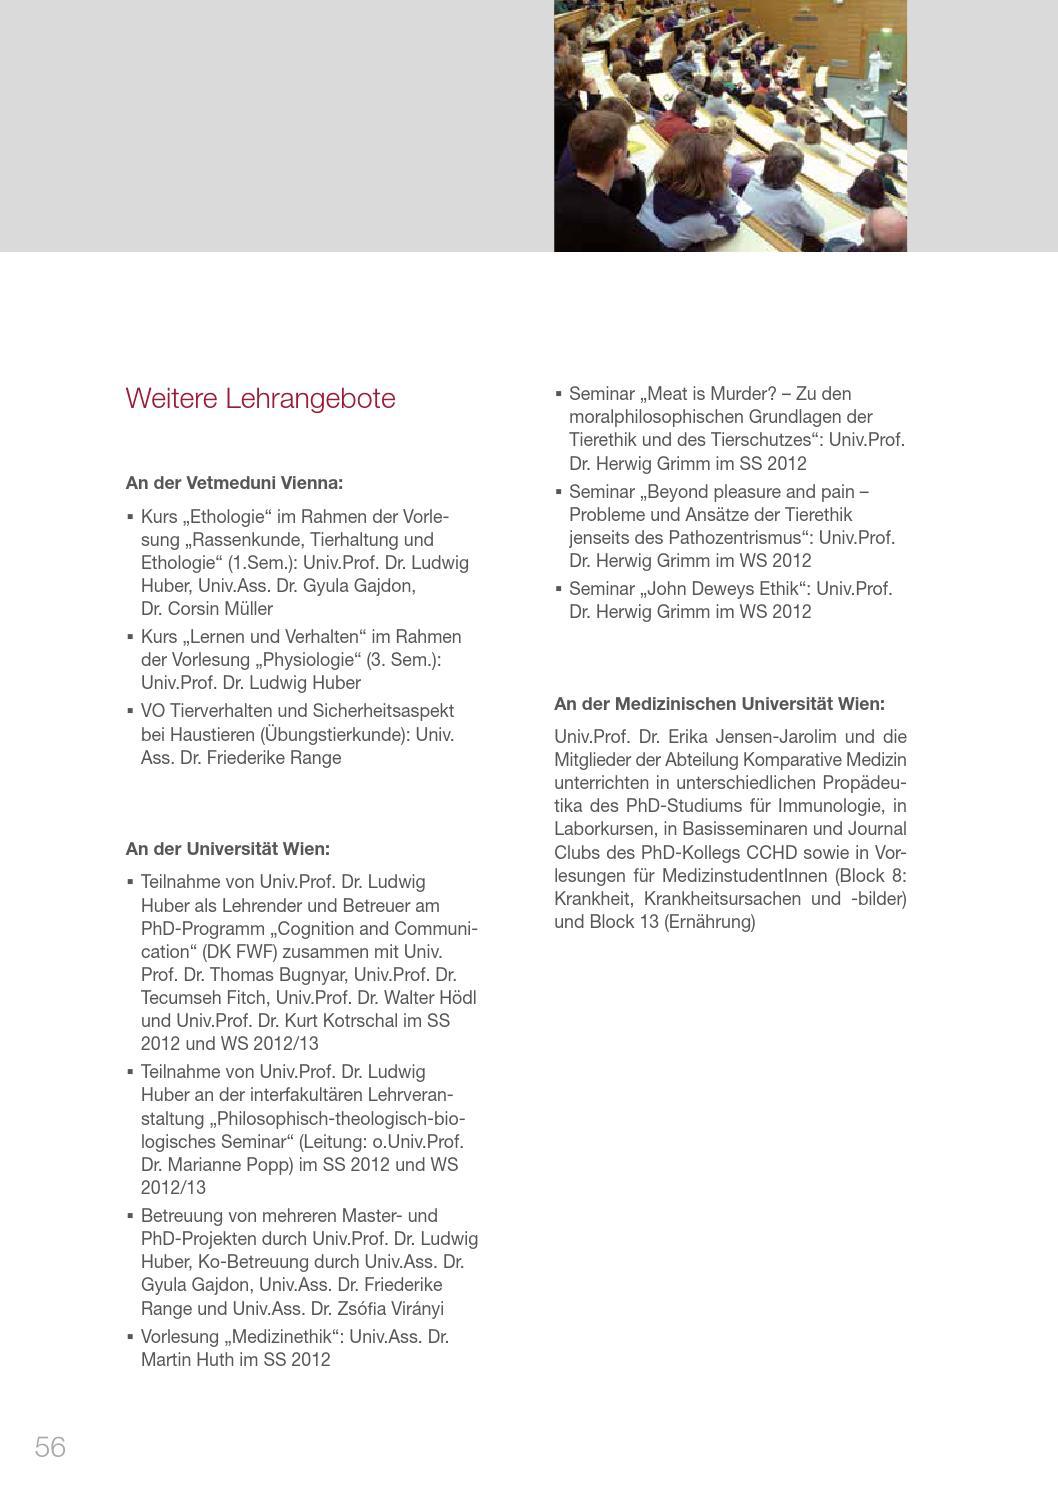 Jahresbericht 2012 des Messerli Forschungsinstituts an der Vetmeduni ...